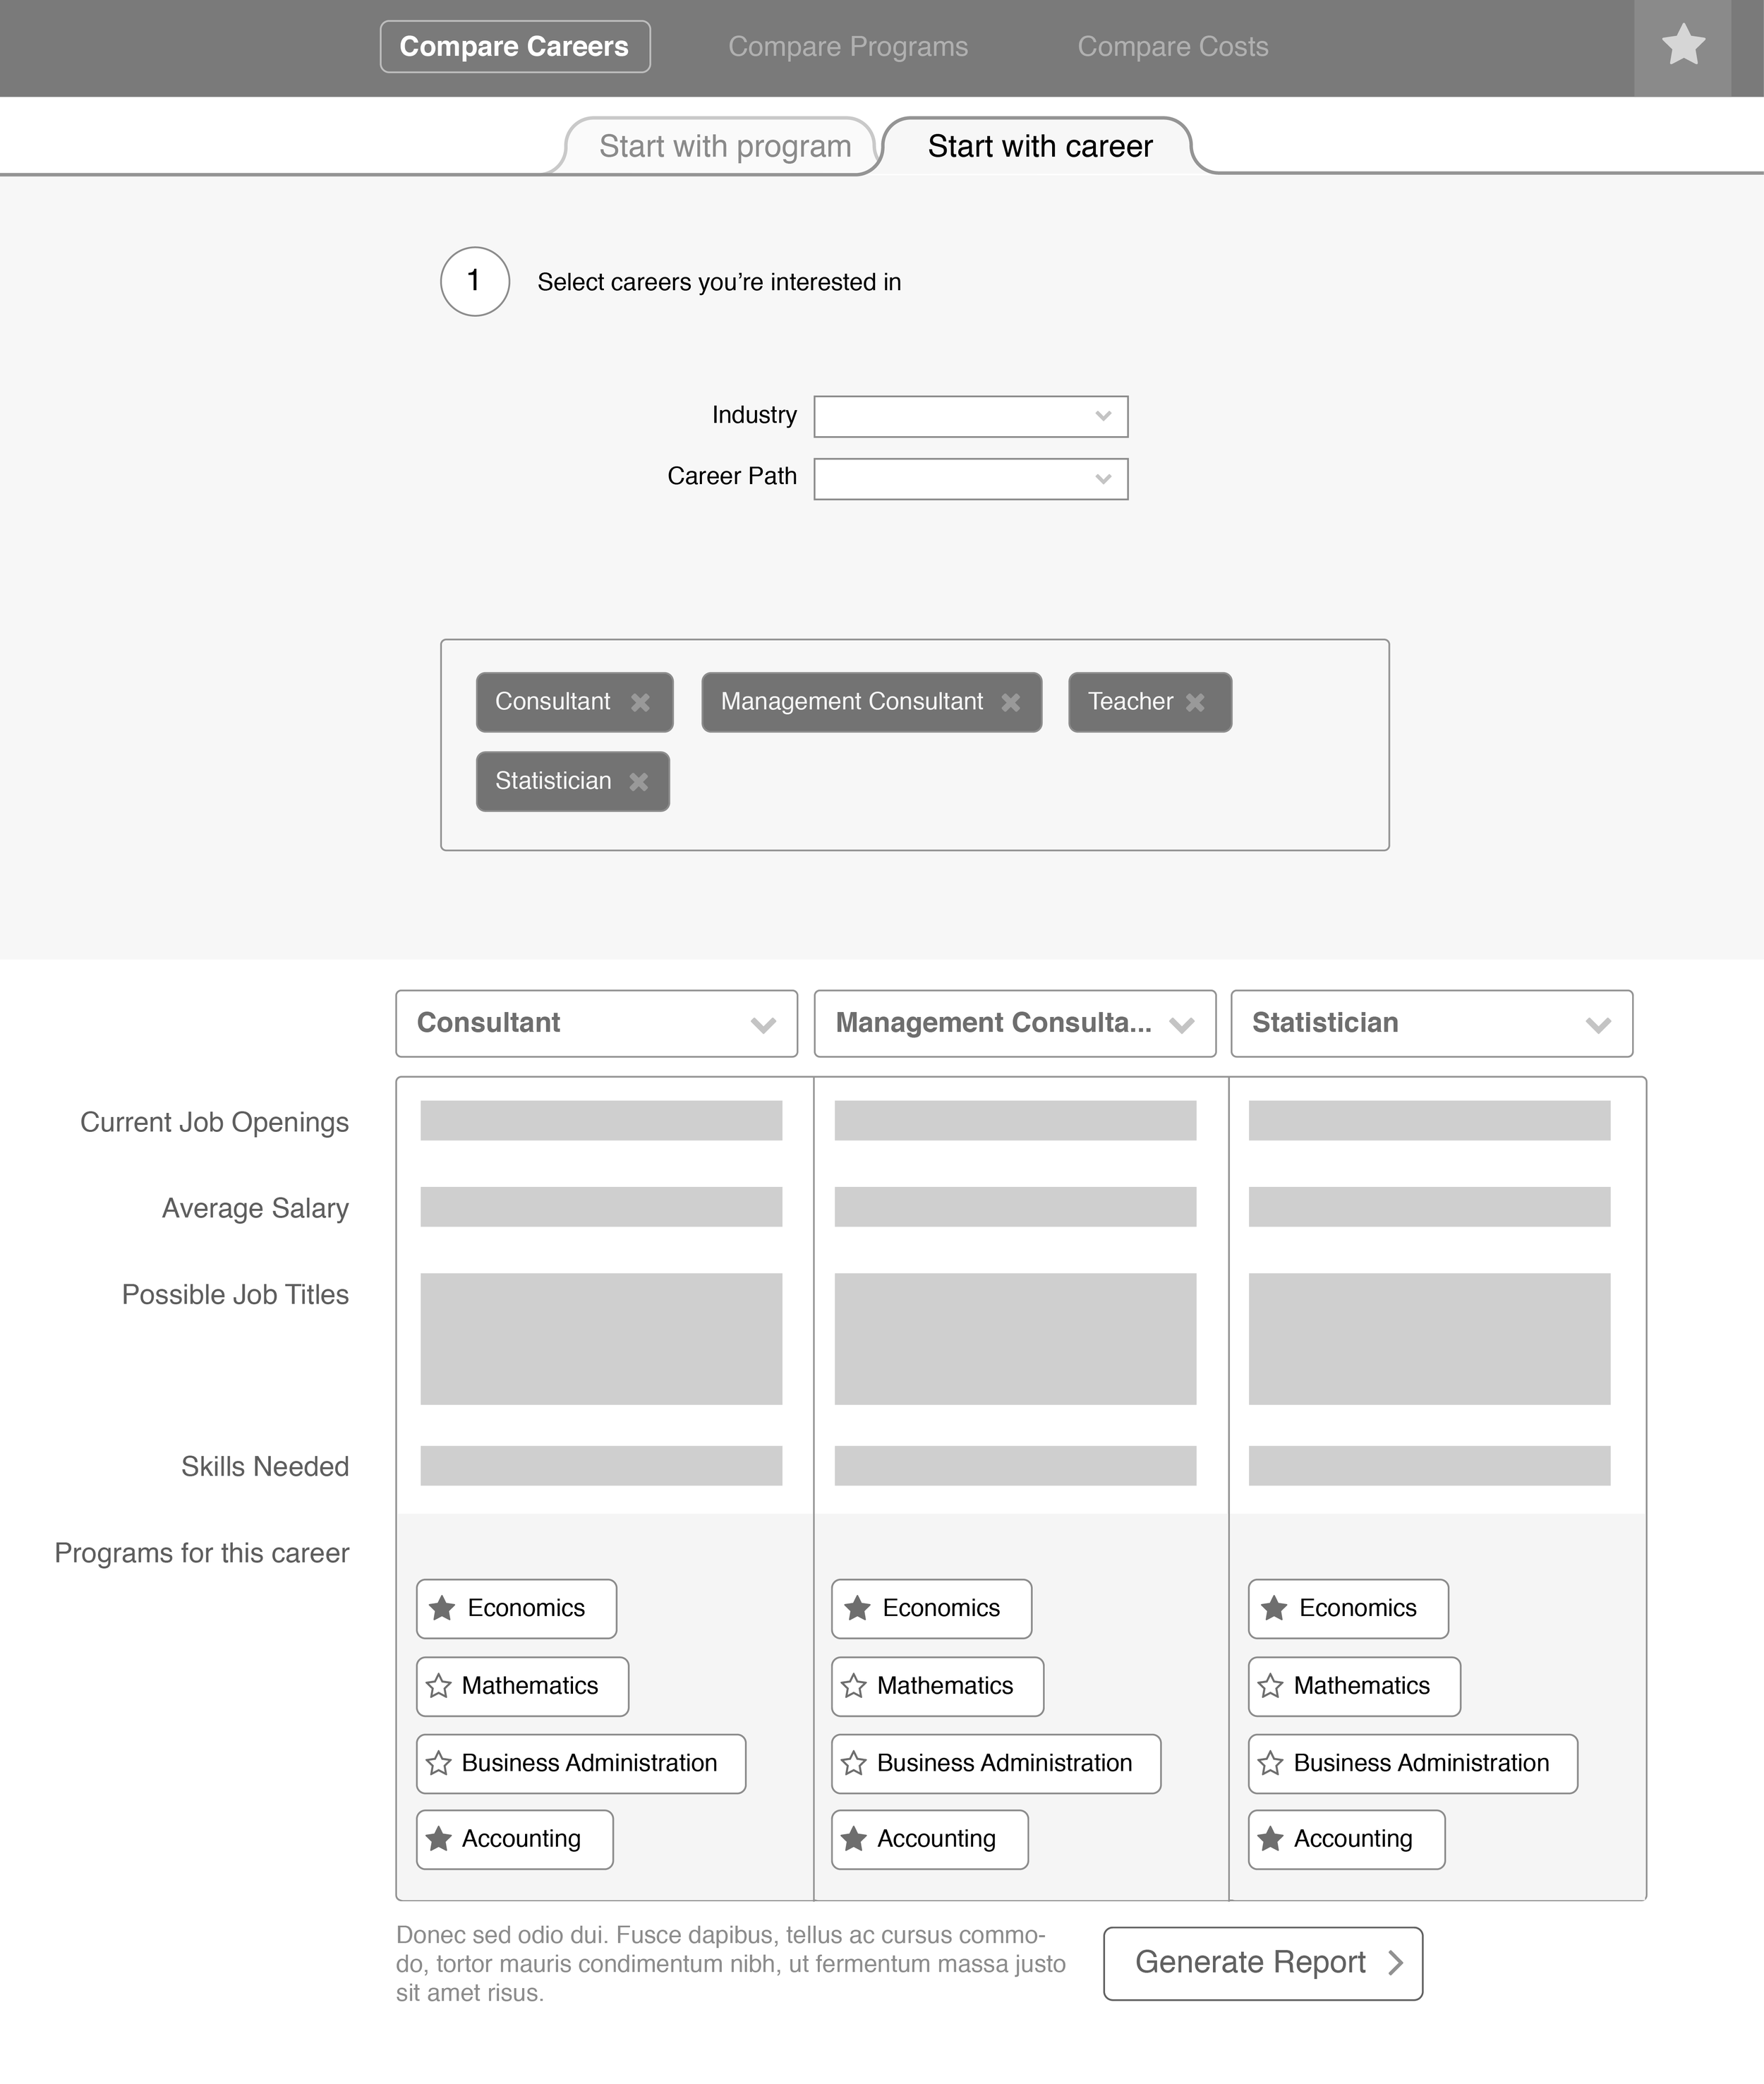 Career comparison wireframe, desktop